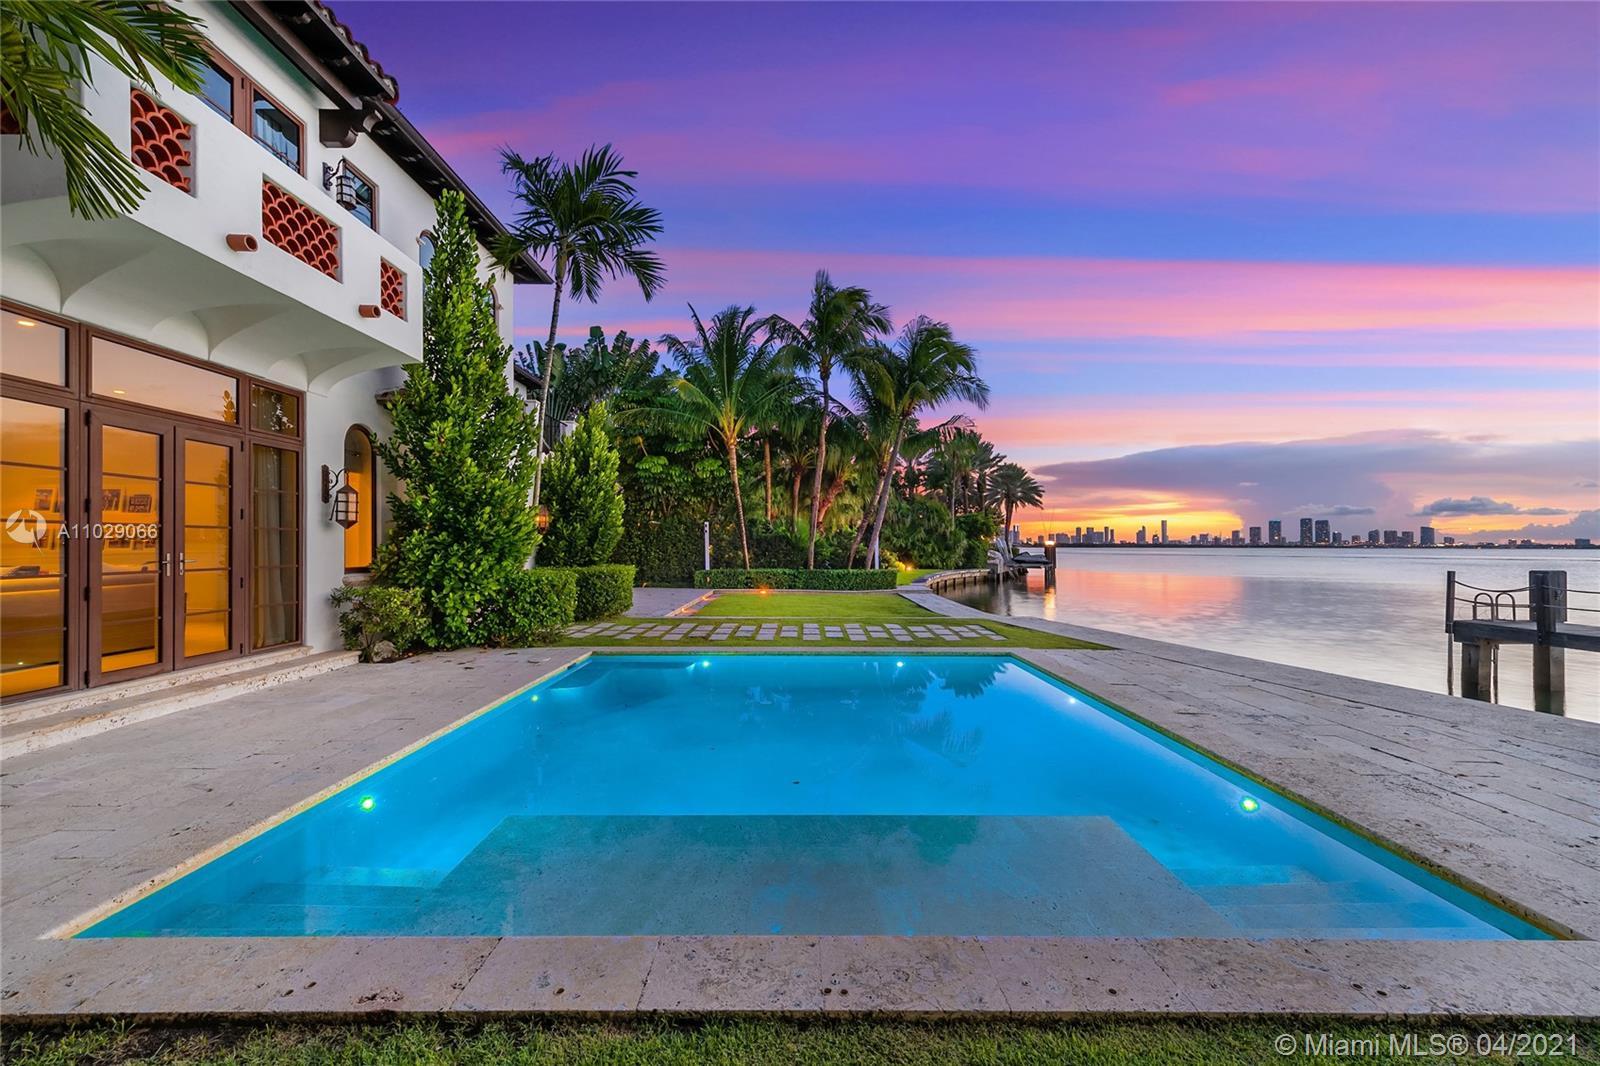 Nautilus - 4412 N Bay Rd, Miami Beach, FL 33140